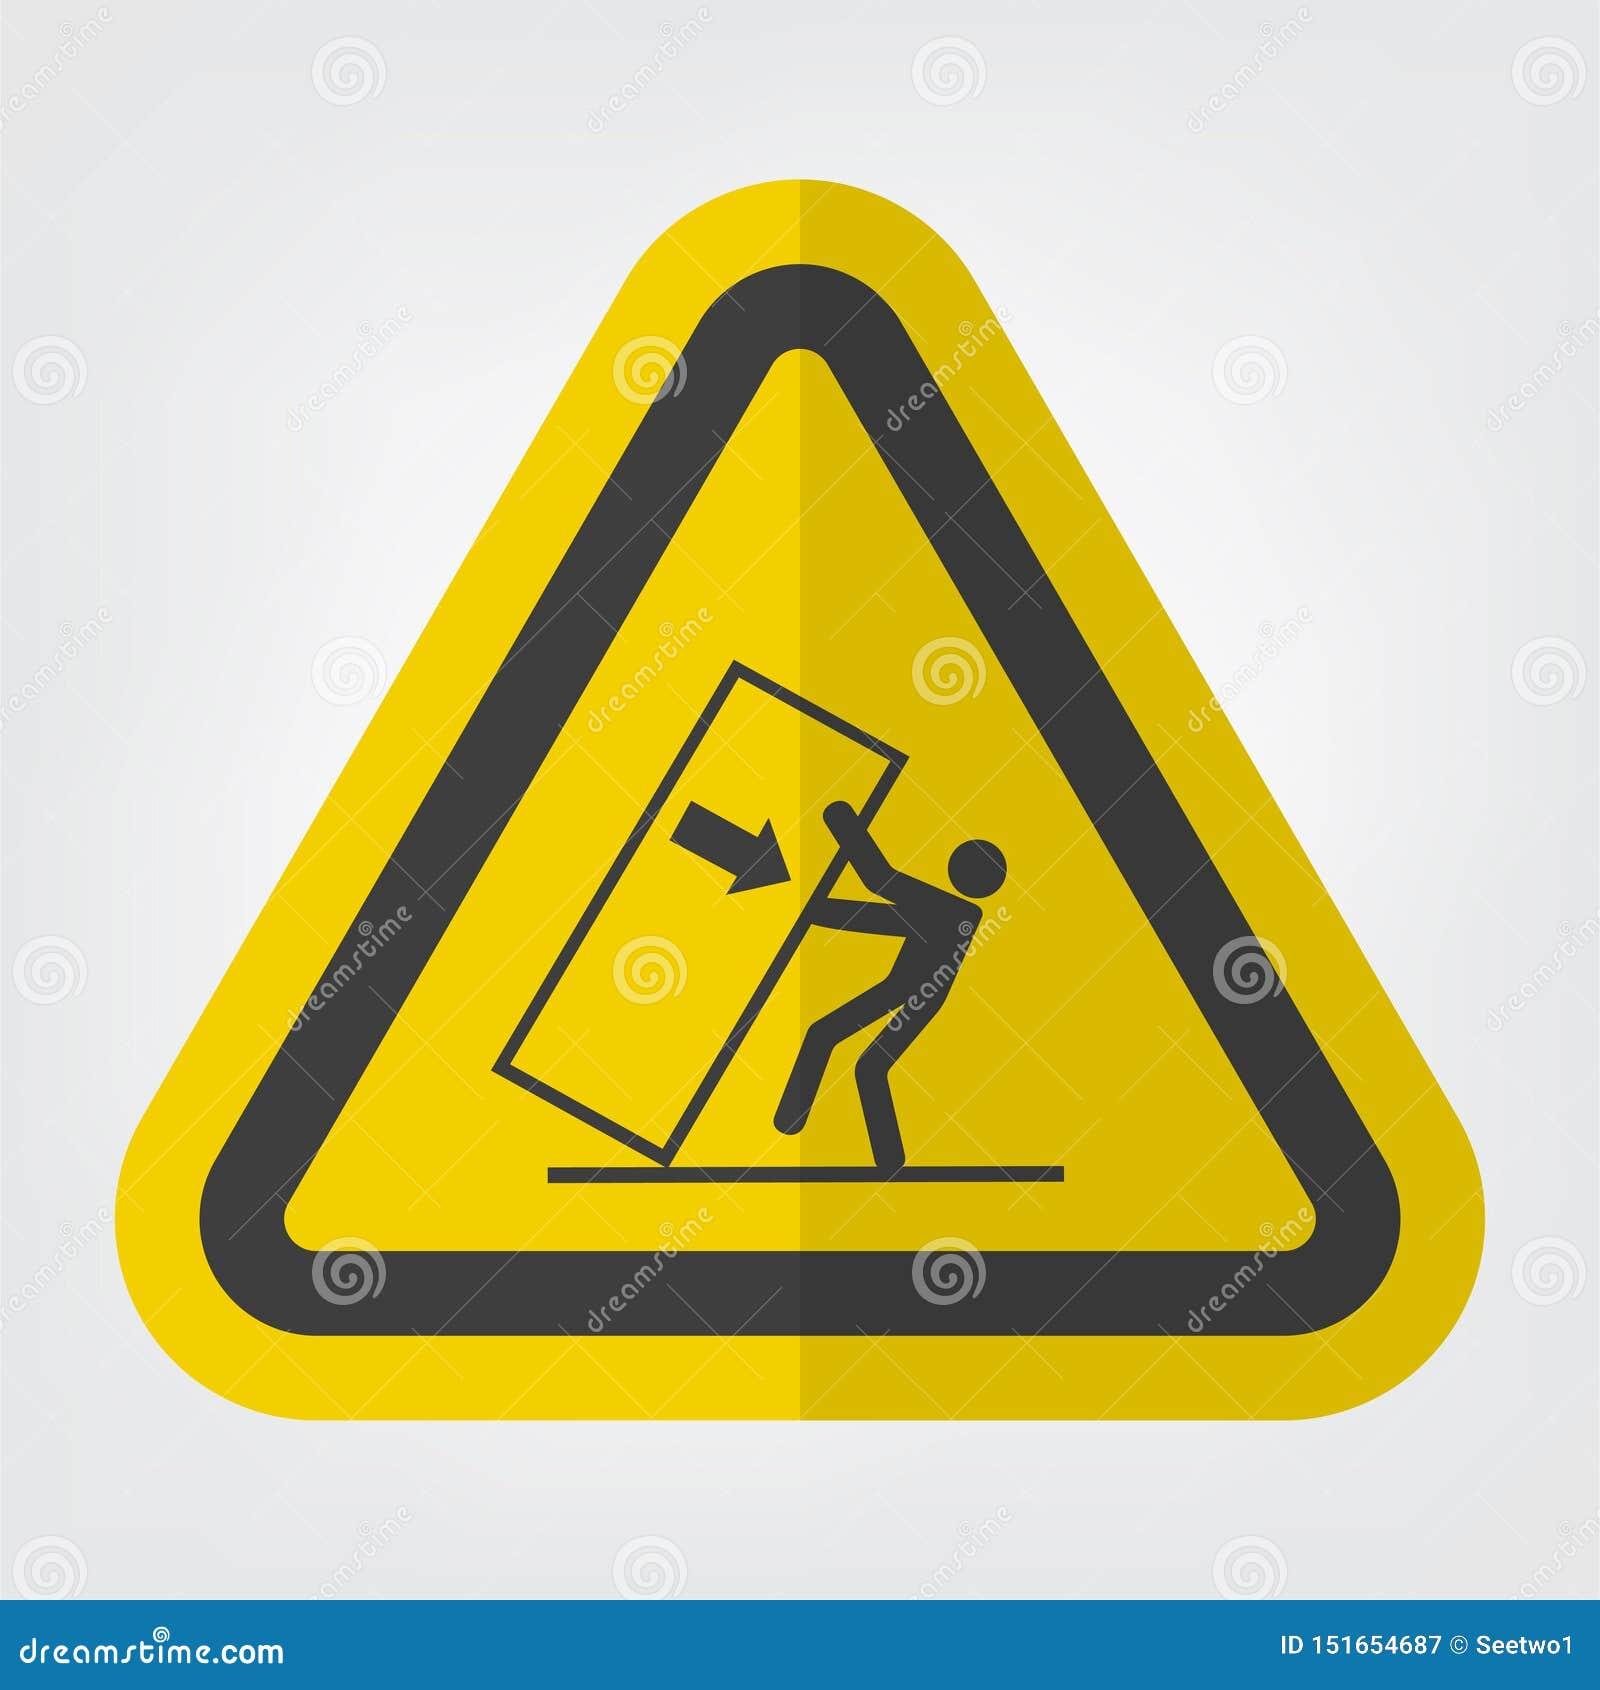 Ponta do esmagamento do corpo sobre o isolado do sinal do símbolo do perigo no fundo branco, ilustração EPS do vetor 10